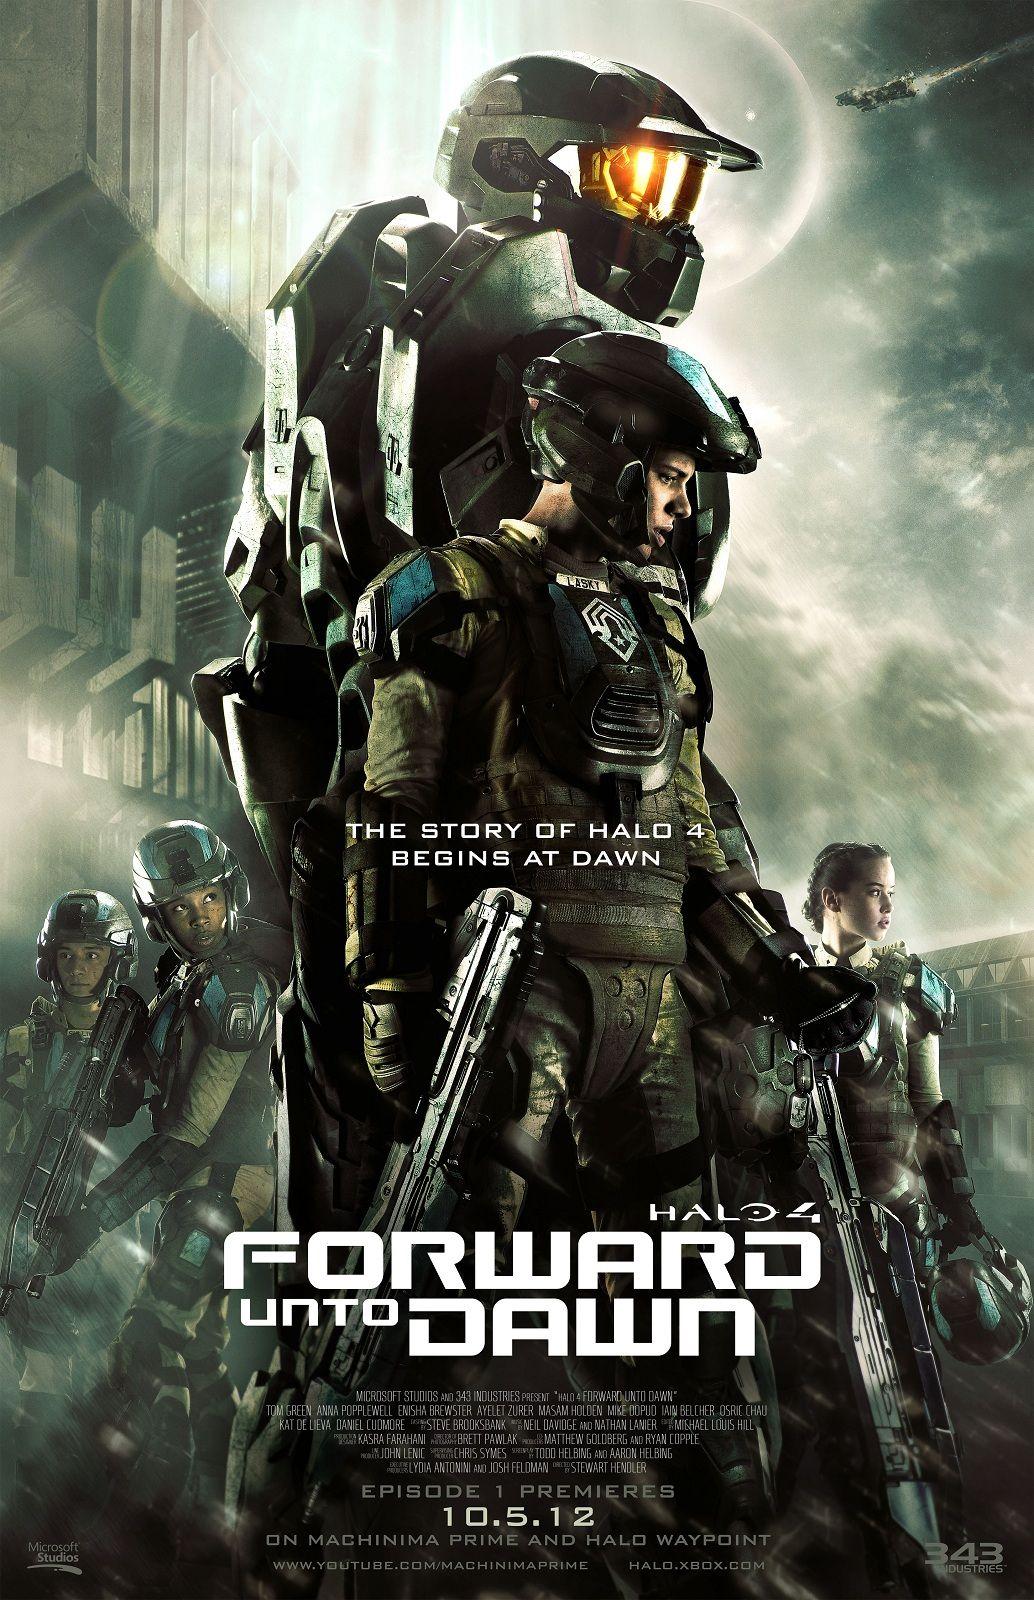 Halo 4 Forward Unto Dawn Live Action Halo Series Halo 4